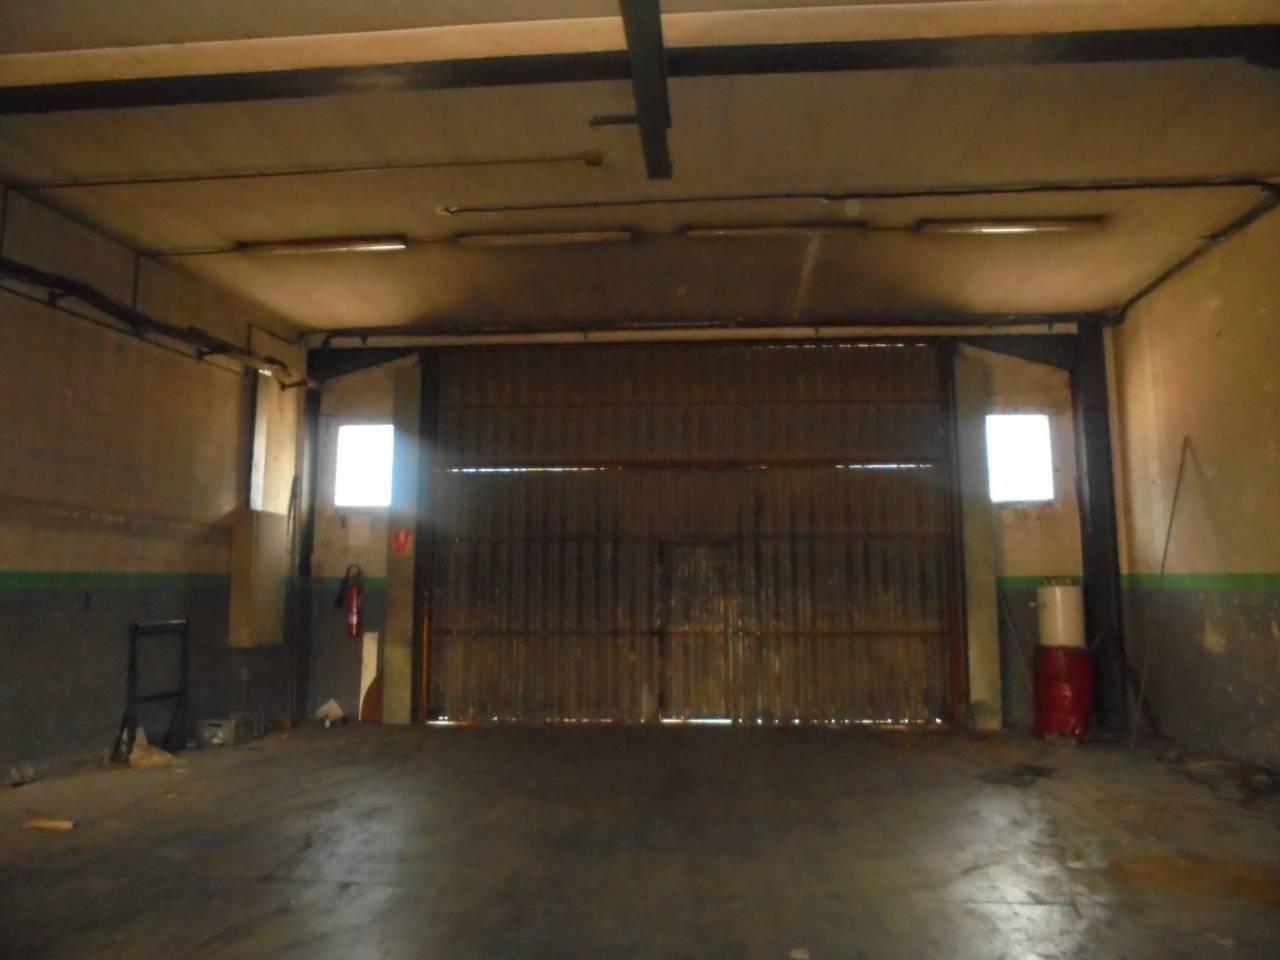 Fabrikhalle  Polig.industrial. Nave industrial de 1820m2 con un altillo de 200(oficinas y vestu